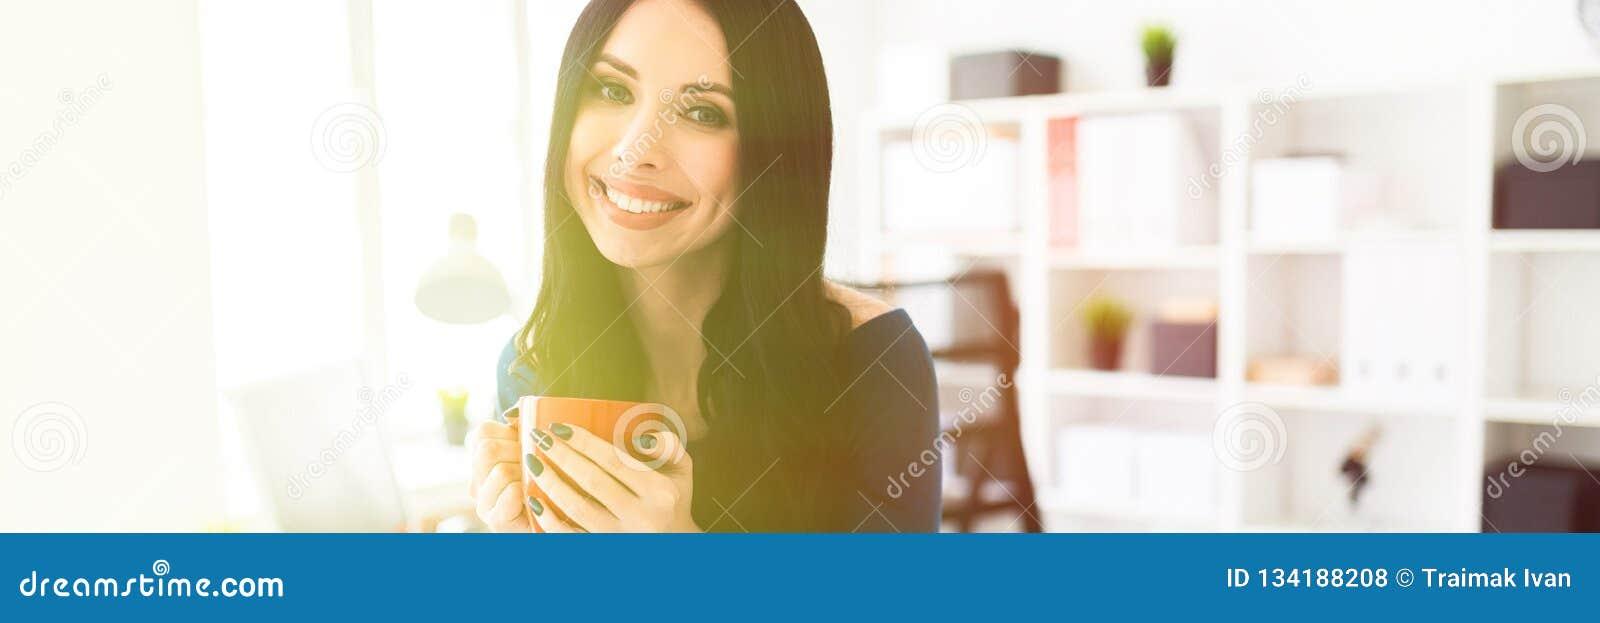 Una ragazza nell ufficio seduto giù sulla tavola e stava tenendo una tazza rossa in sue mani